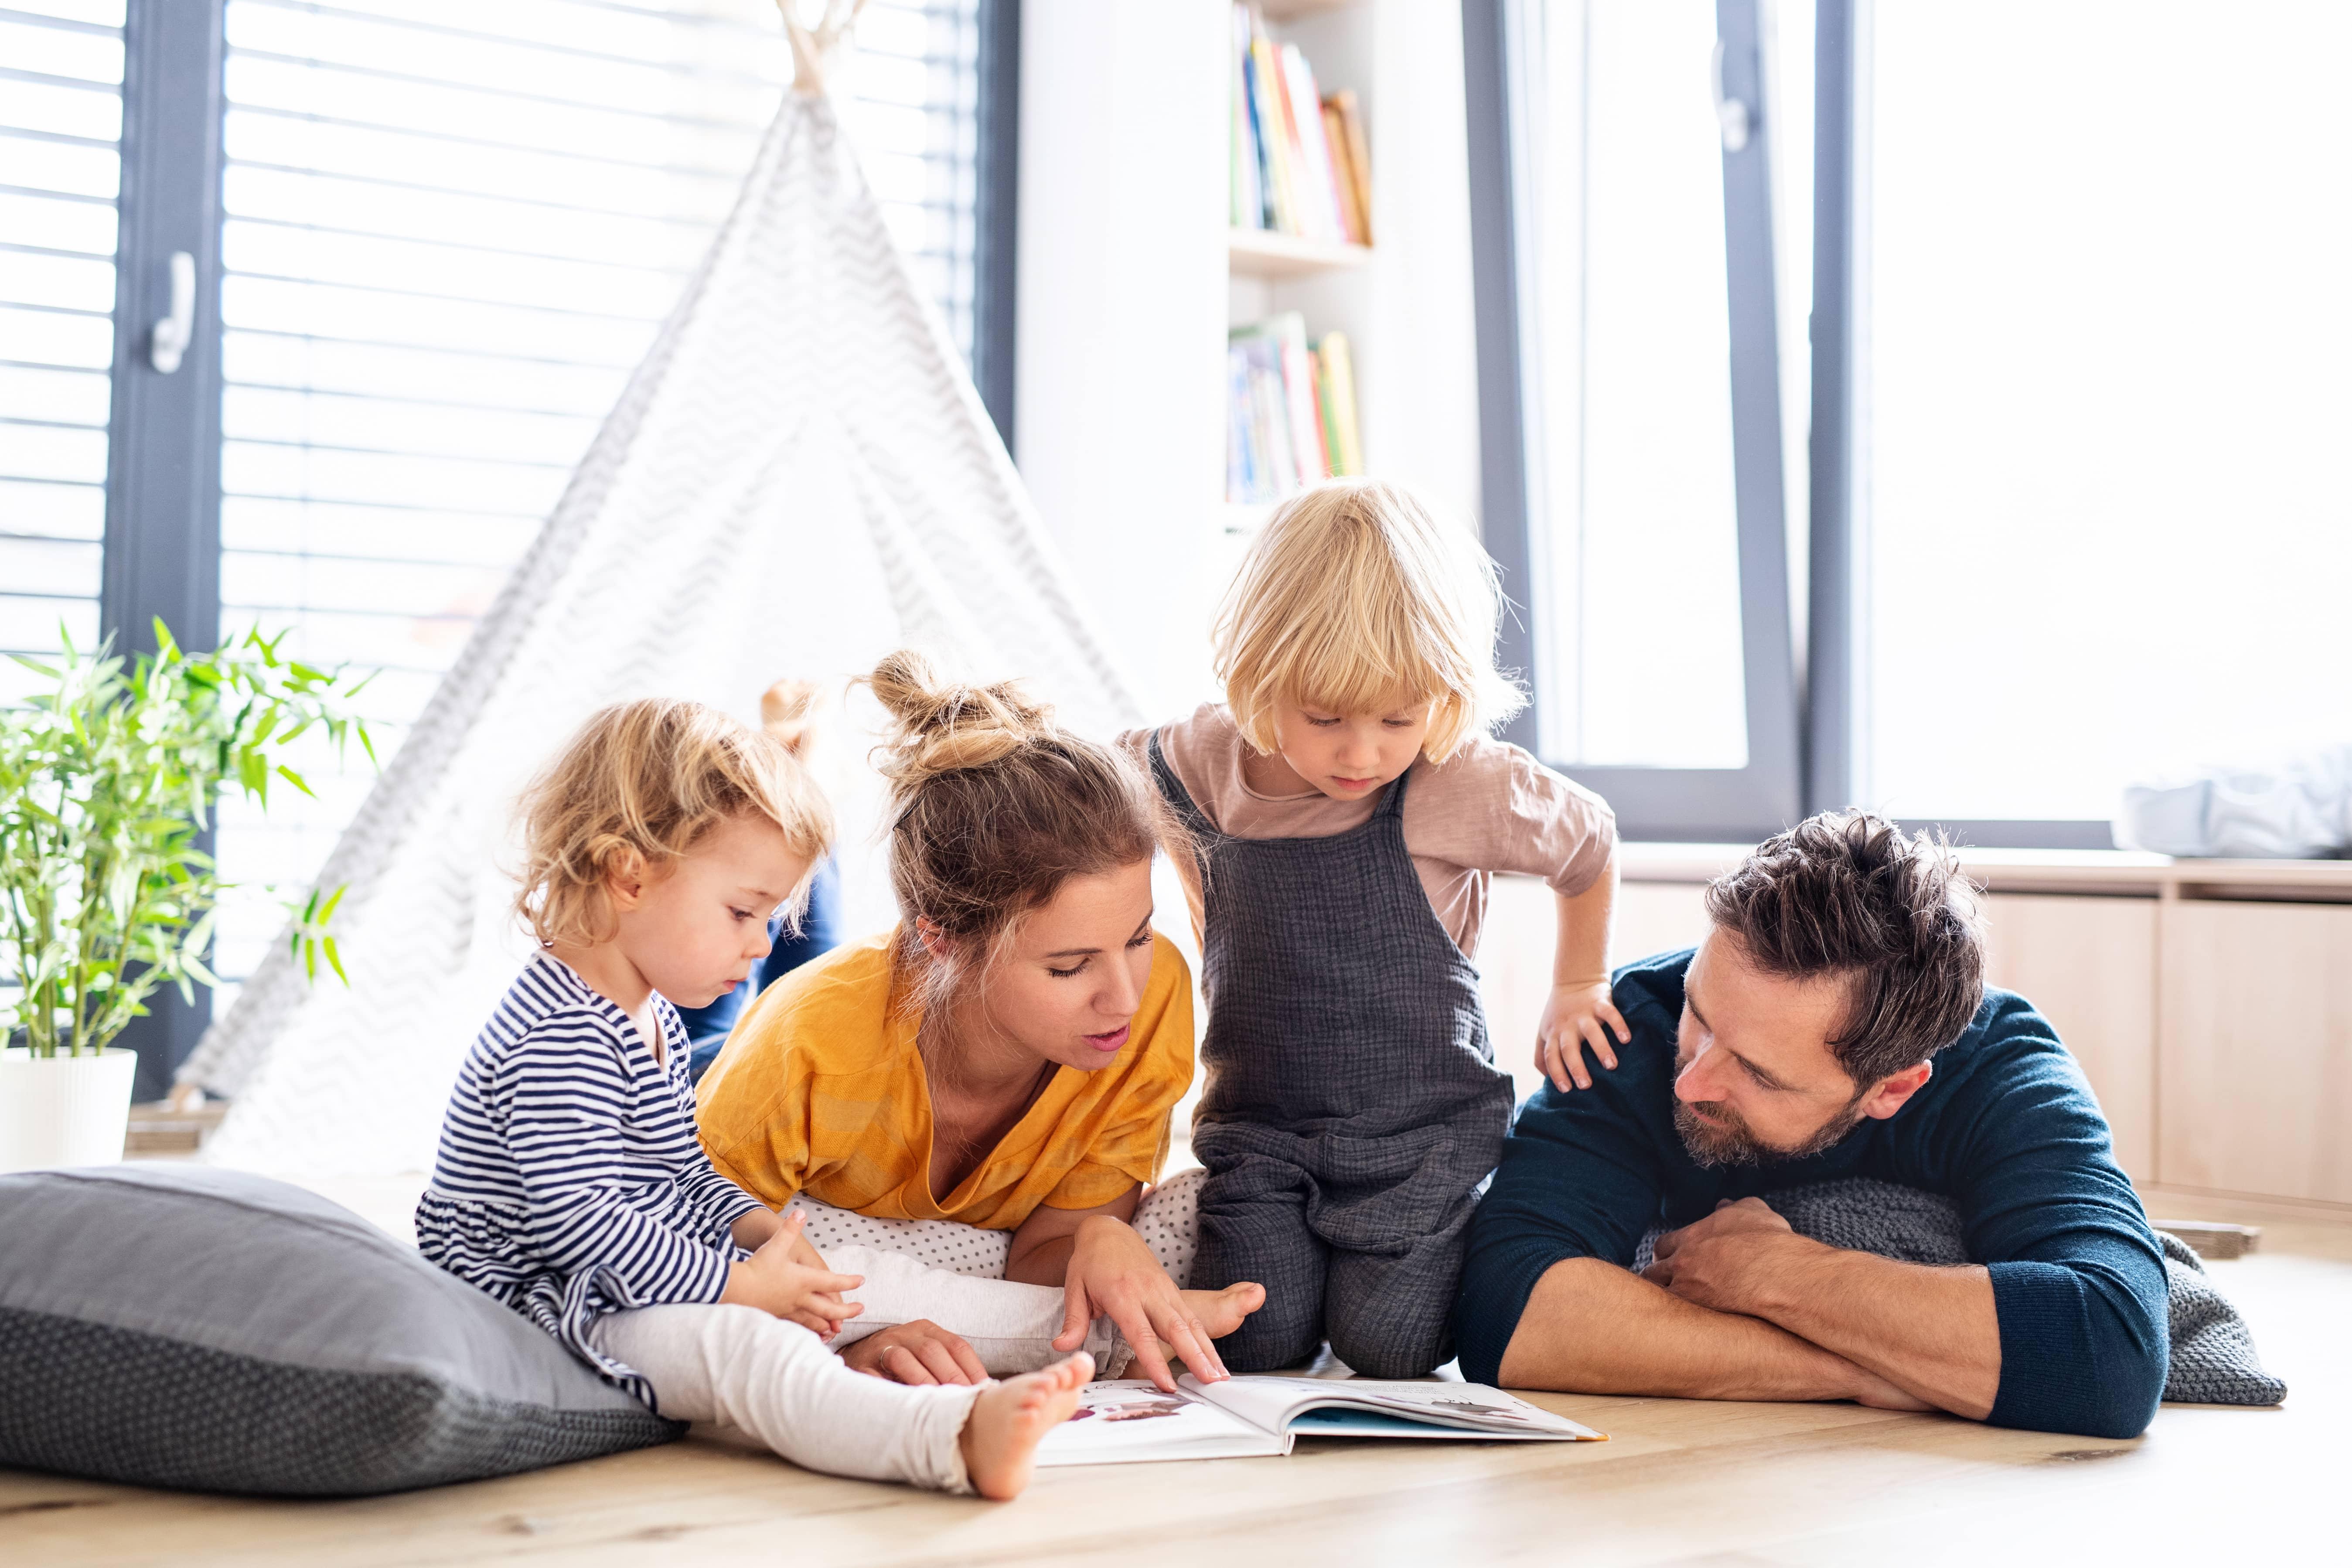 Langeweile ade - Tipps für die Familienzeit zuhause